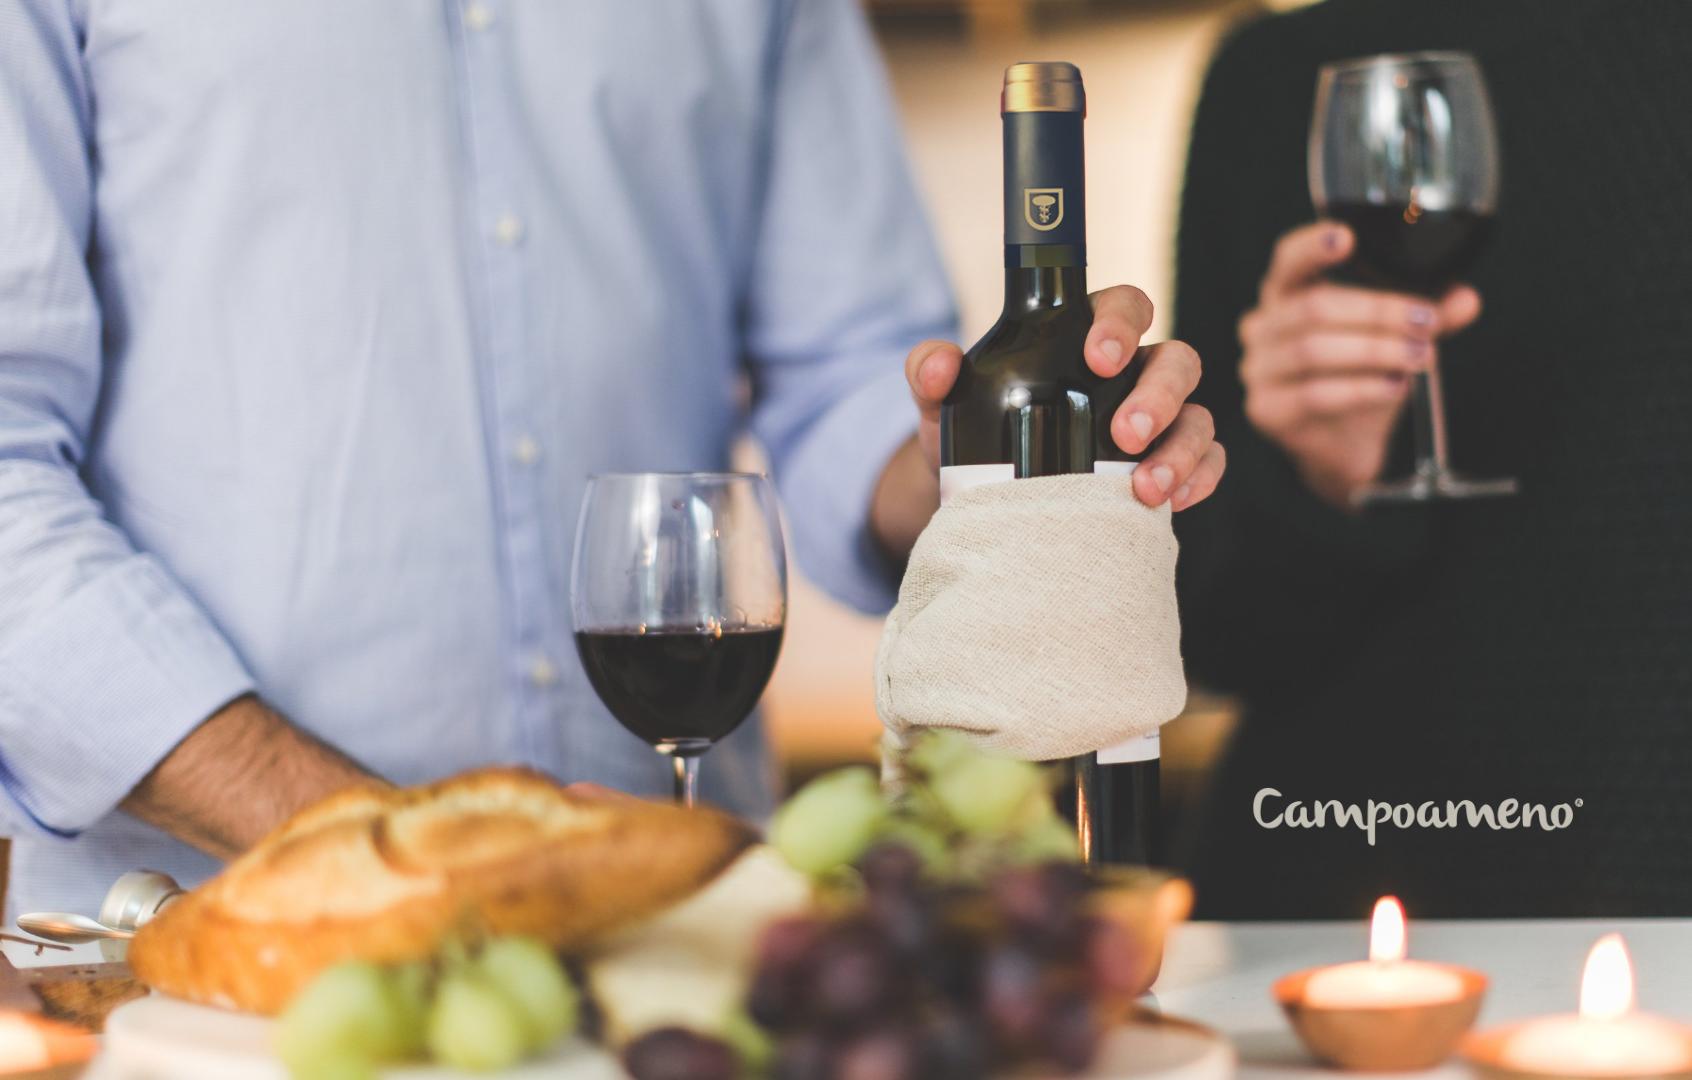 Al pan pan y al vino vino